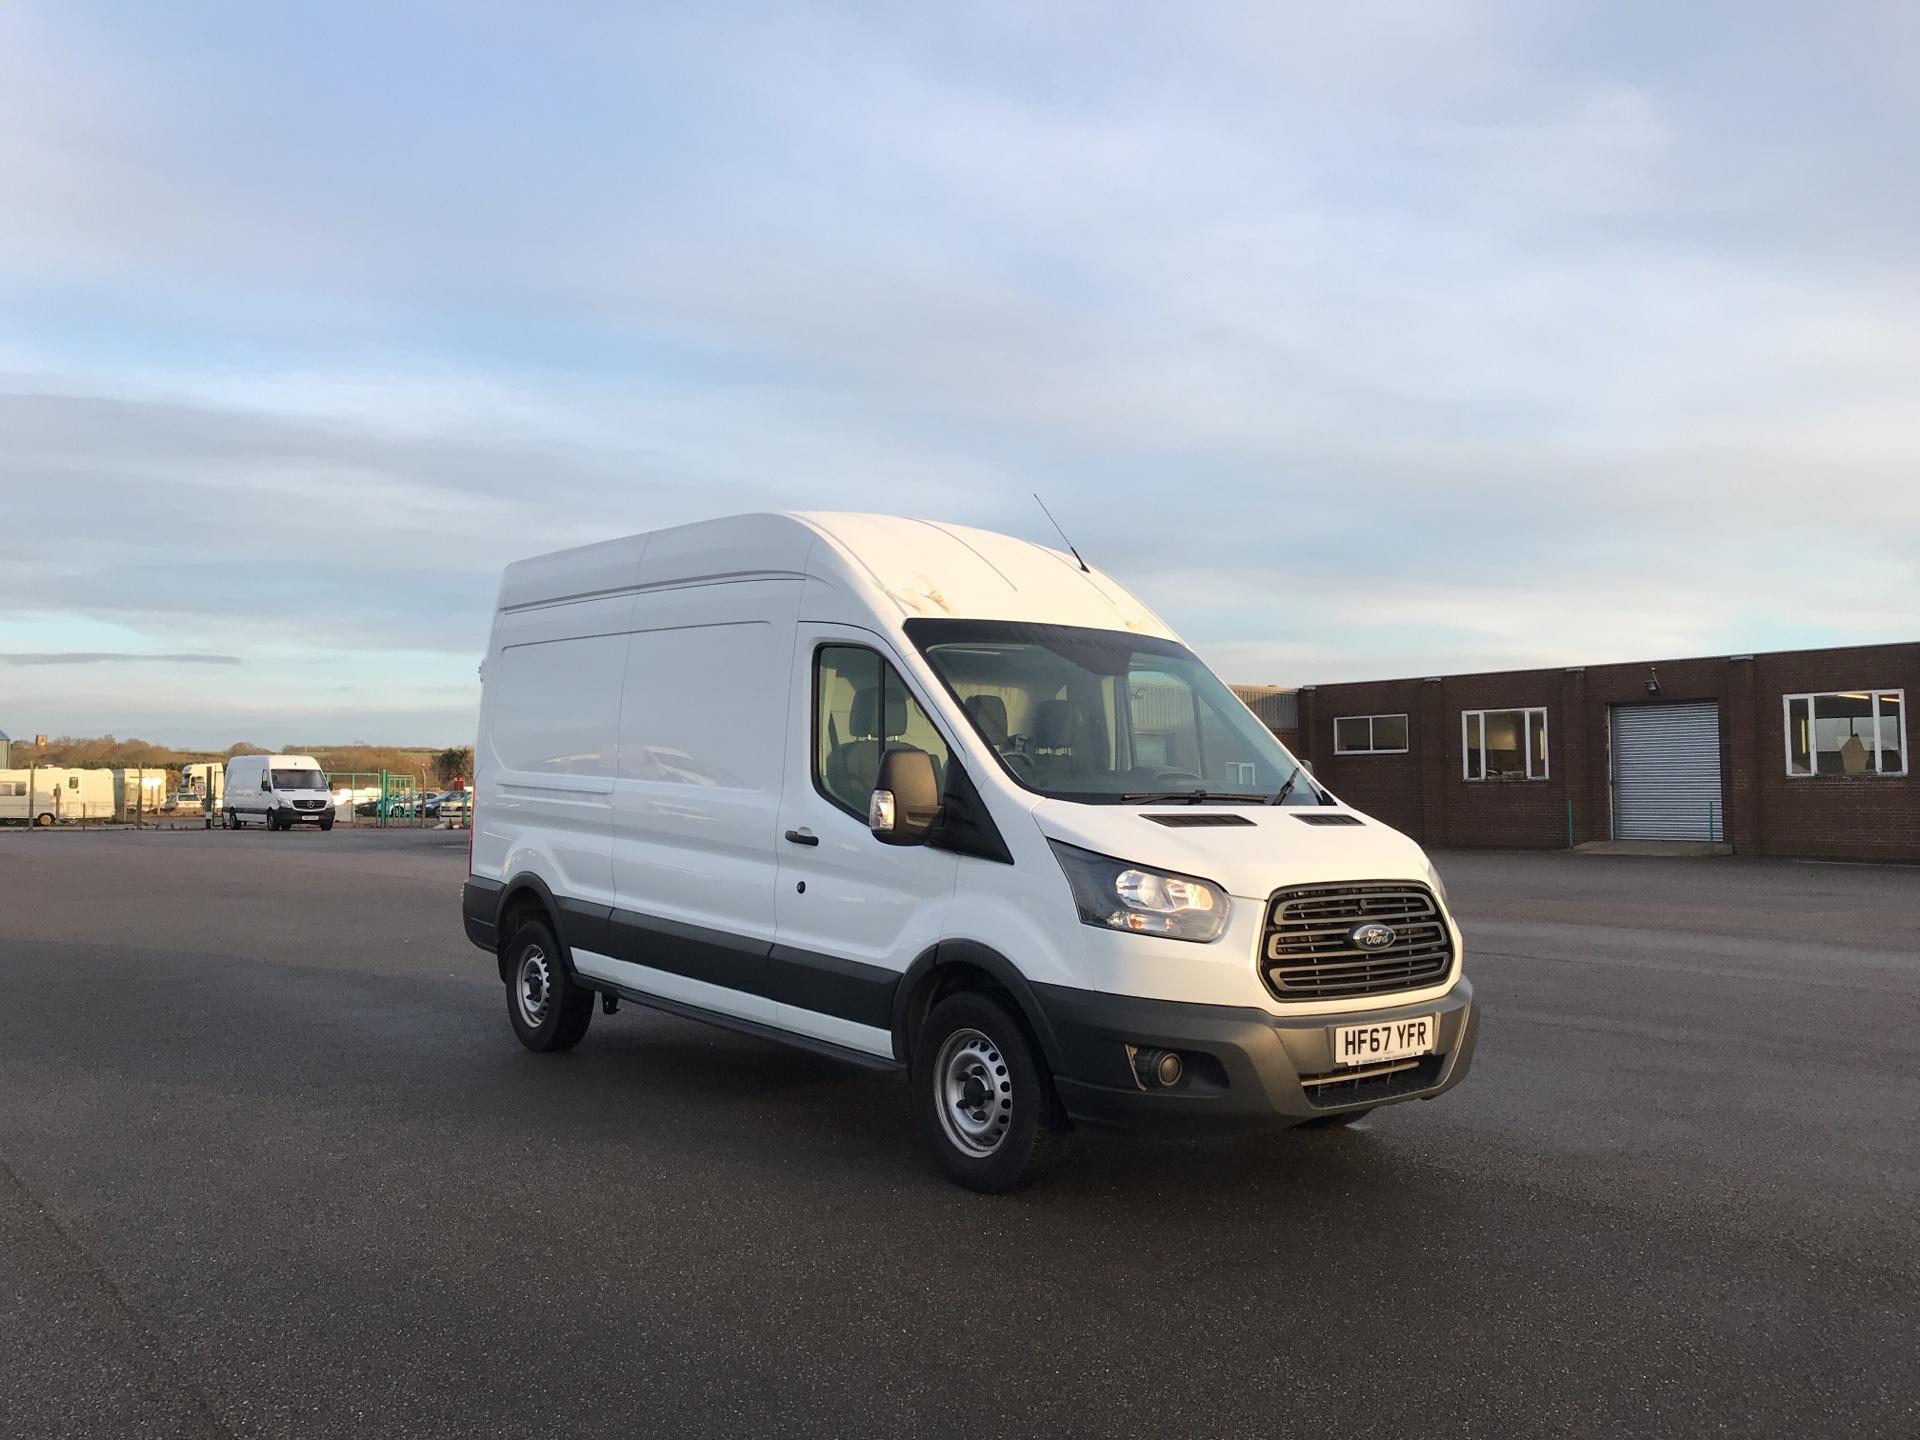 2017 Ford Transit L3 H3 VAN 130PS EURO 6 (HF67YFR)